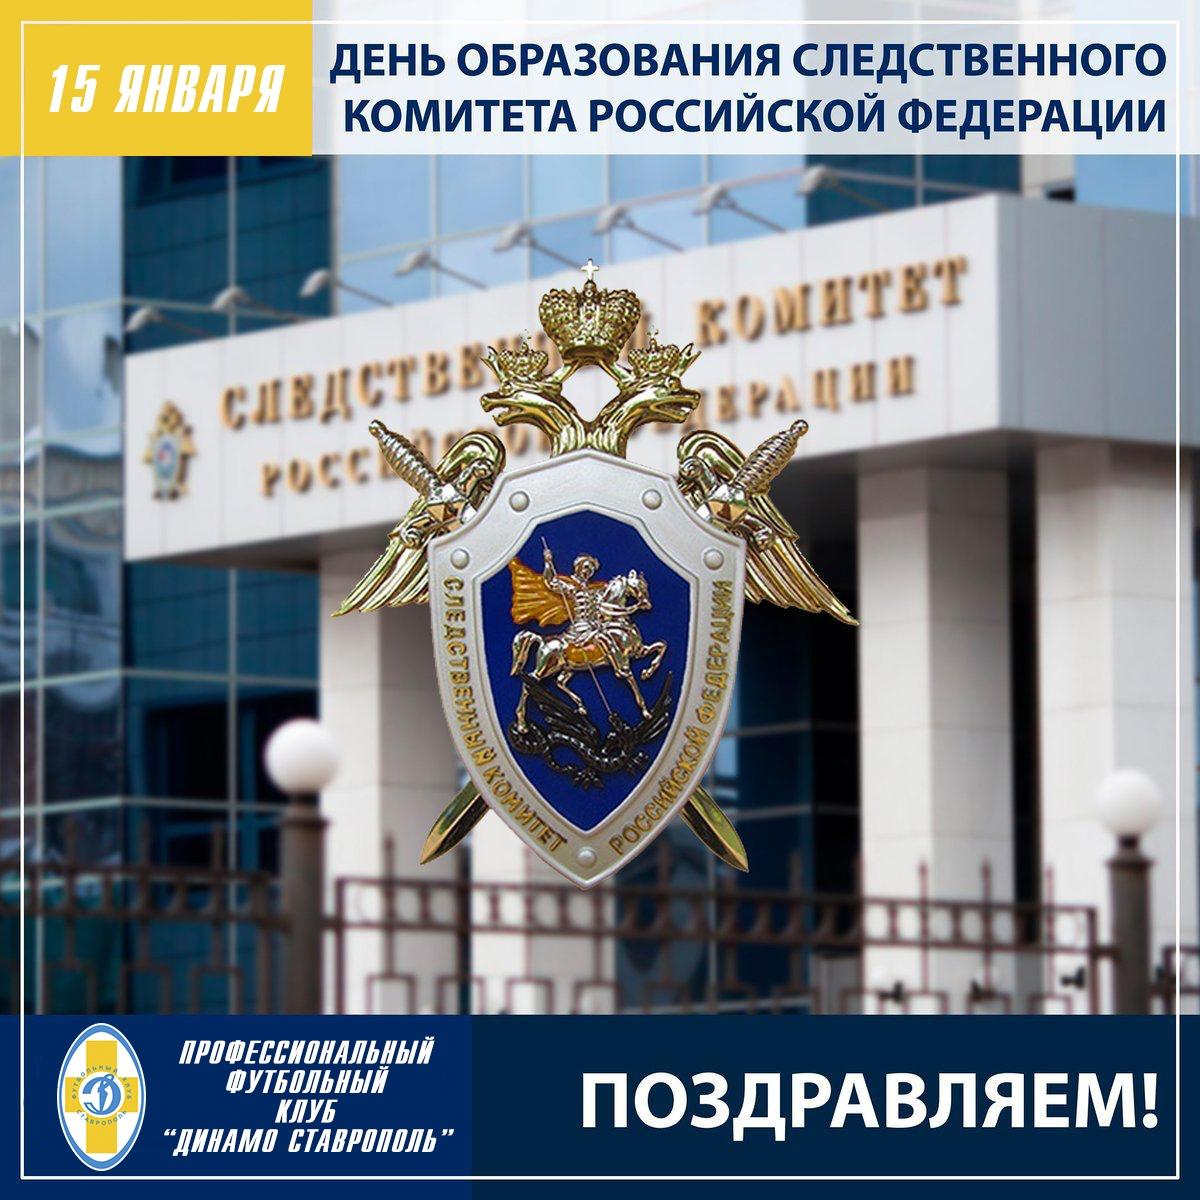 C Днем образования Следственного комитета Российской Федерации!